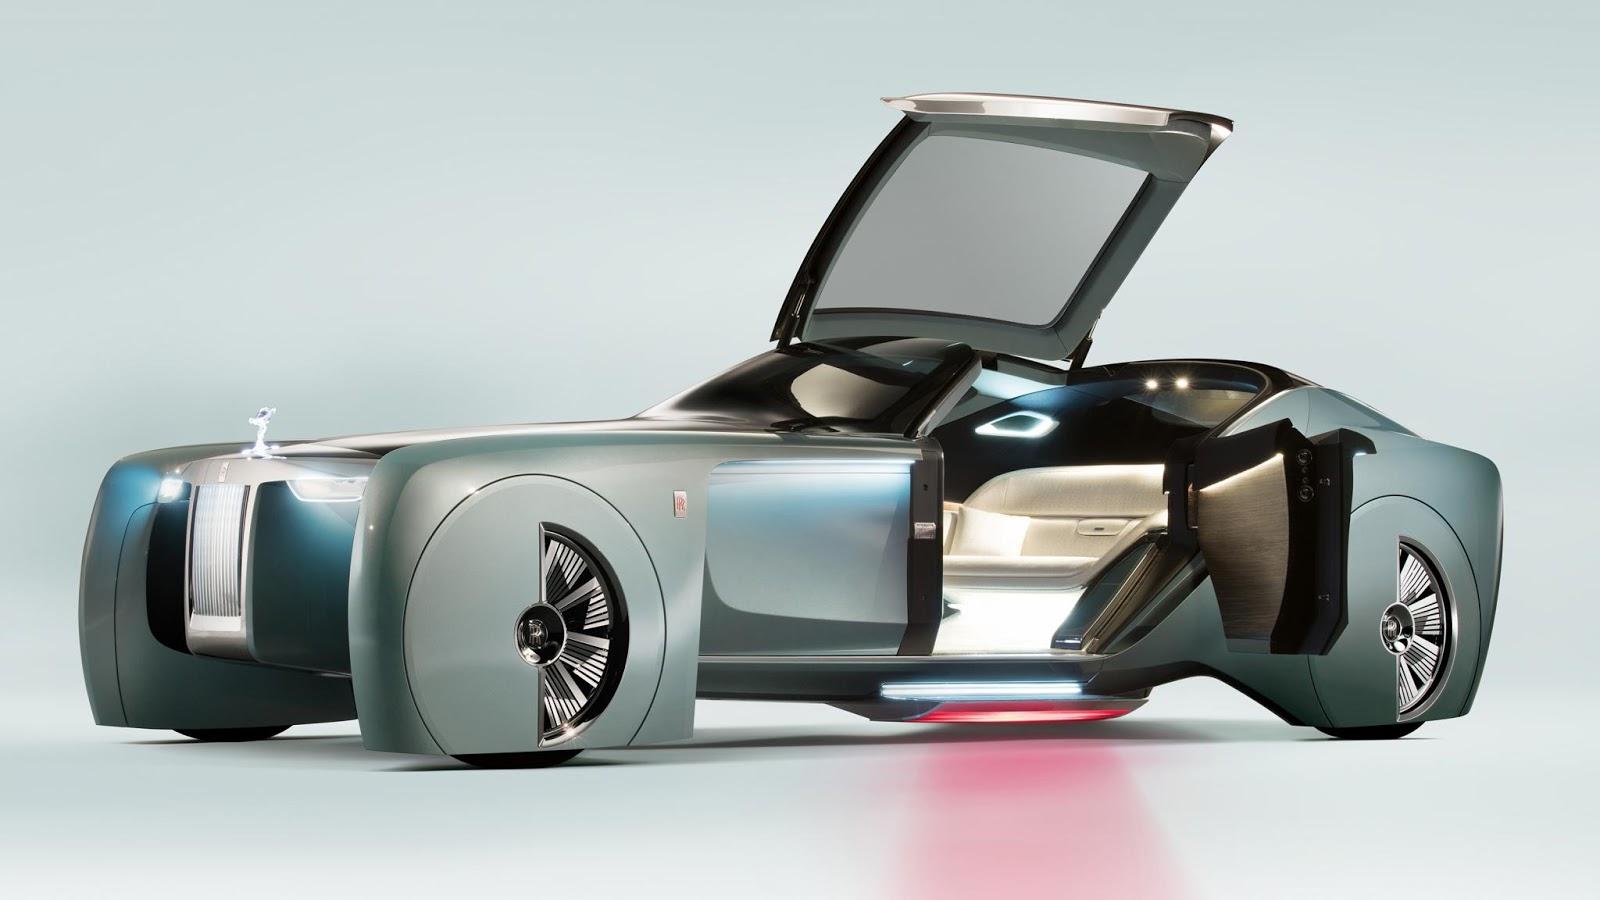 Rolls Royce Vision Next 100 sẽ được siêu xe hóa